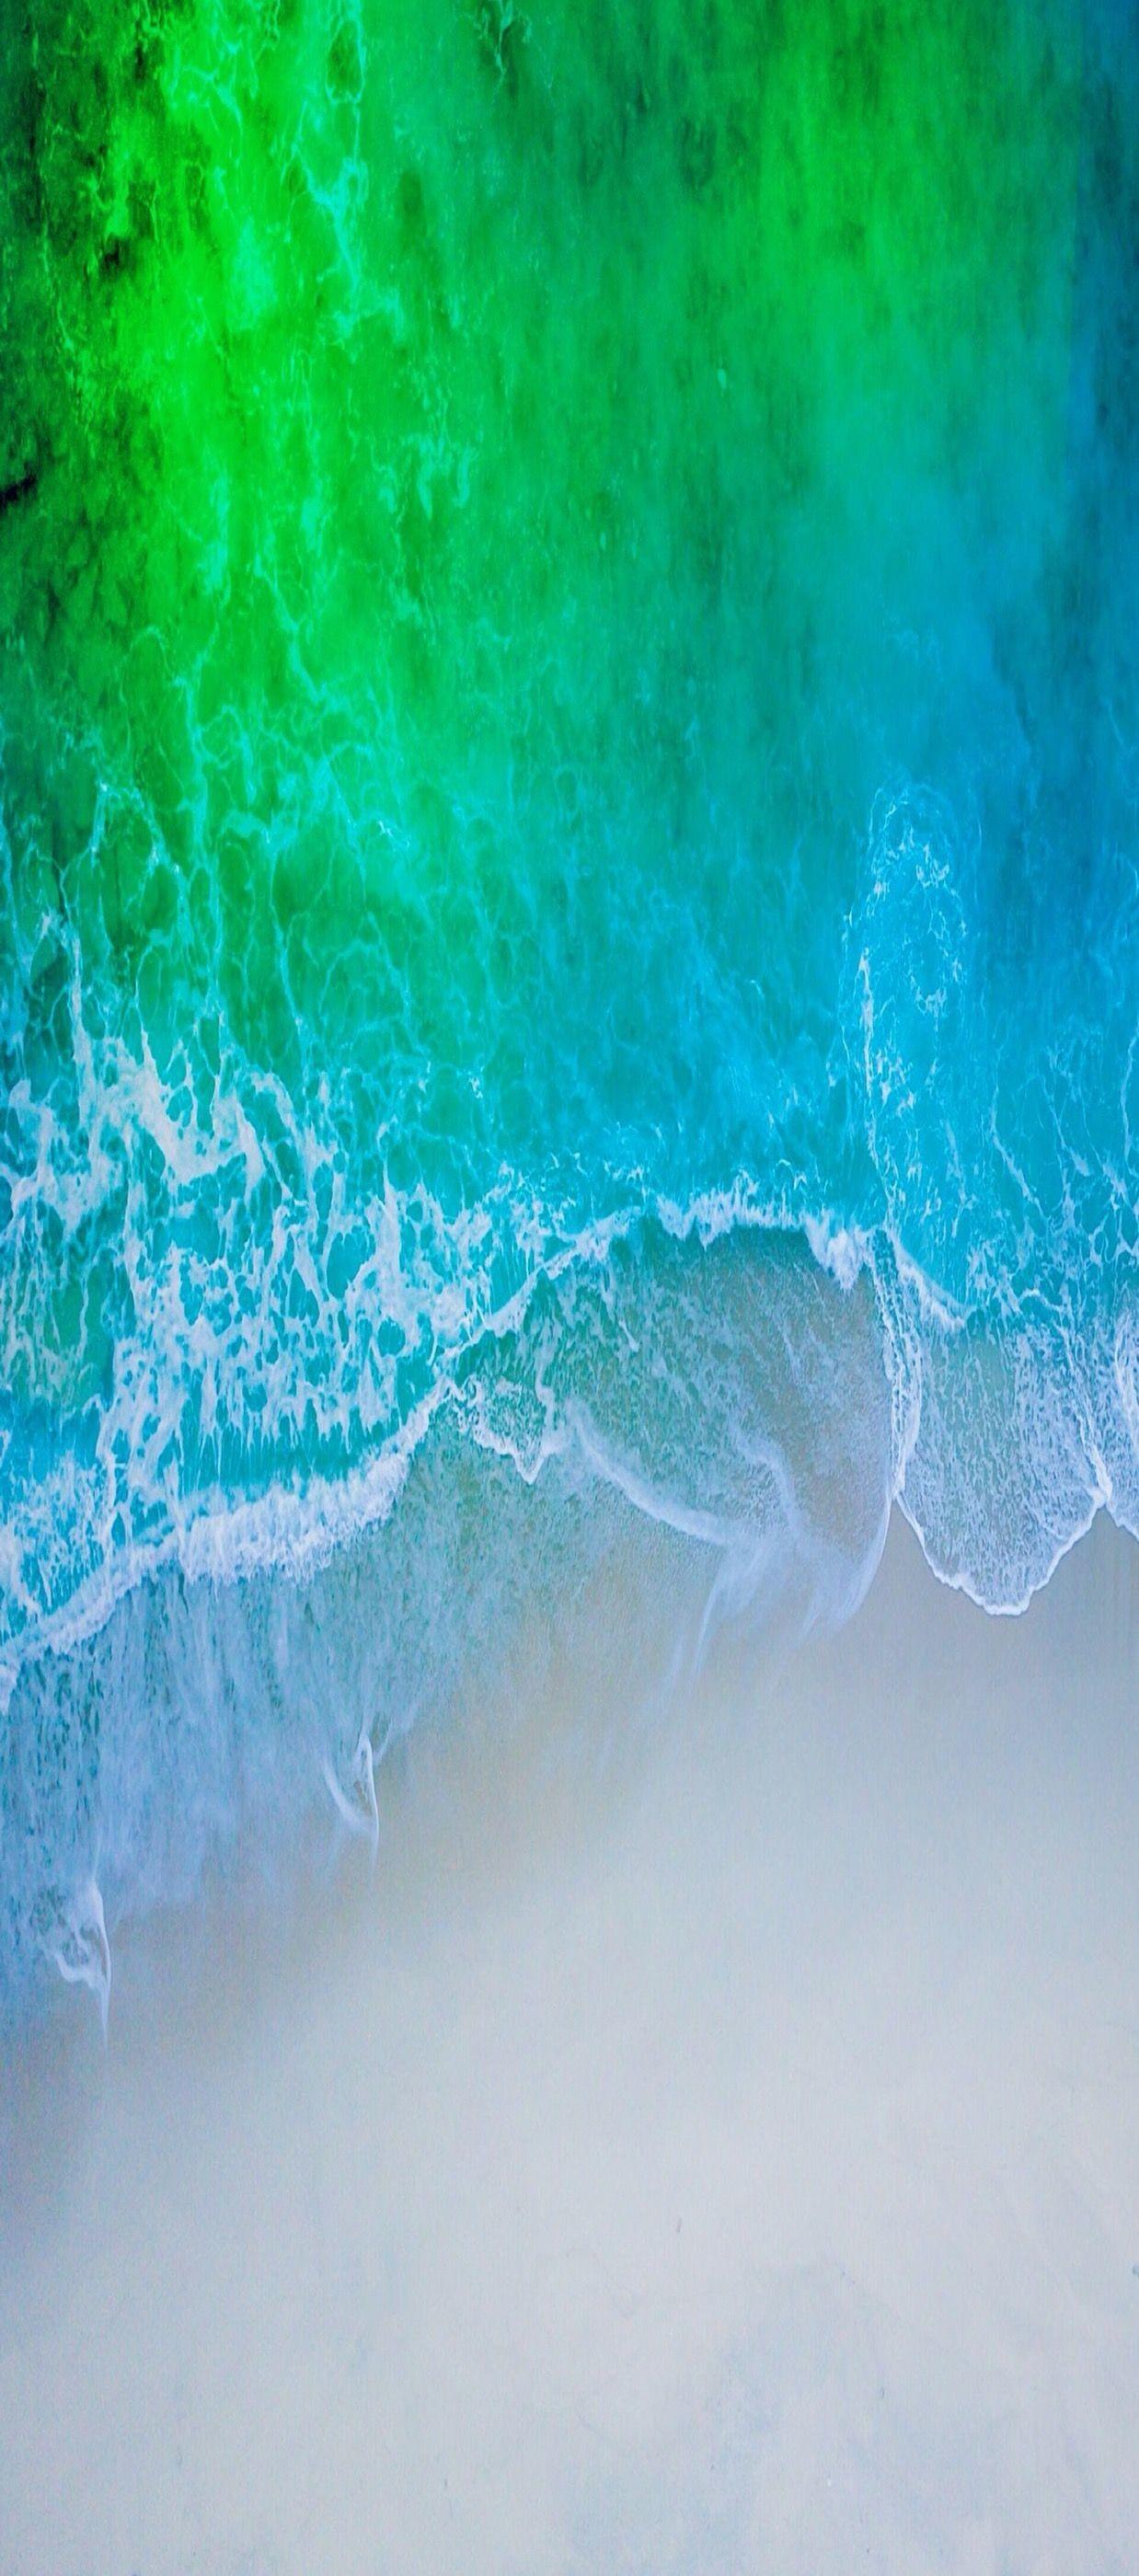 Res: 1238x2800, iOS 11, iPhone X, Aqua, blue, Water, beach, wave,